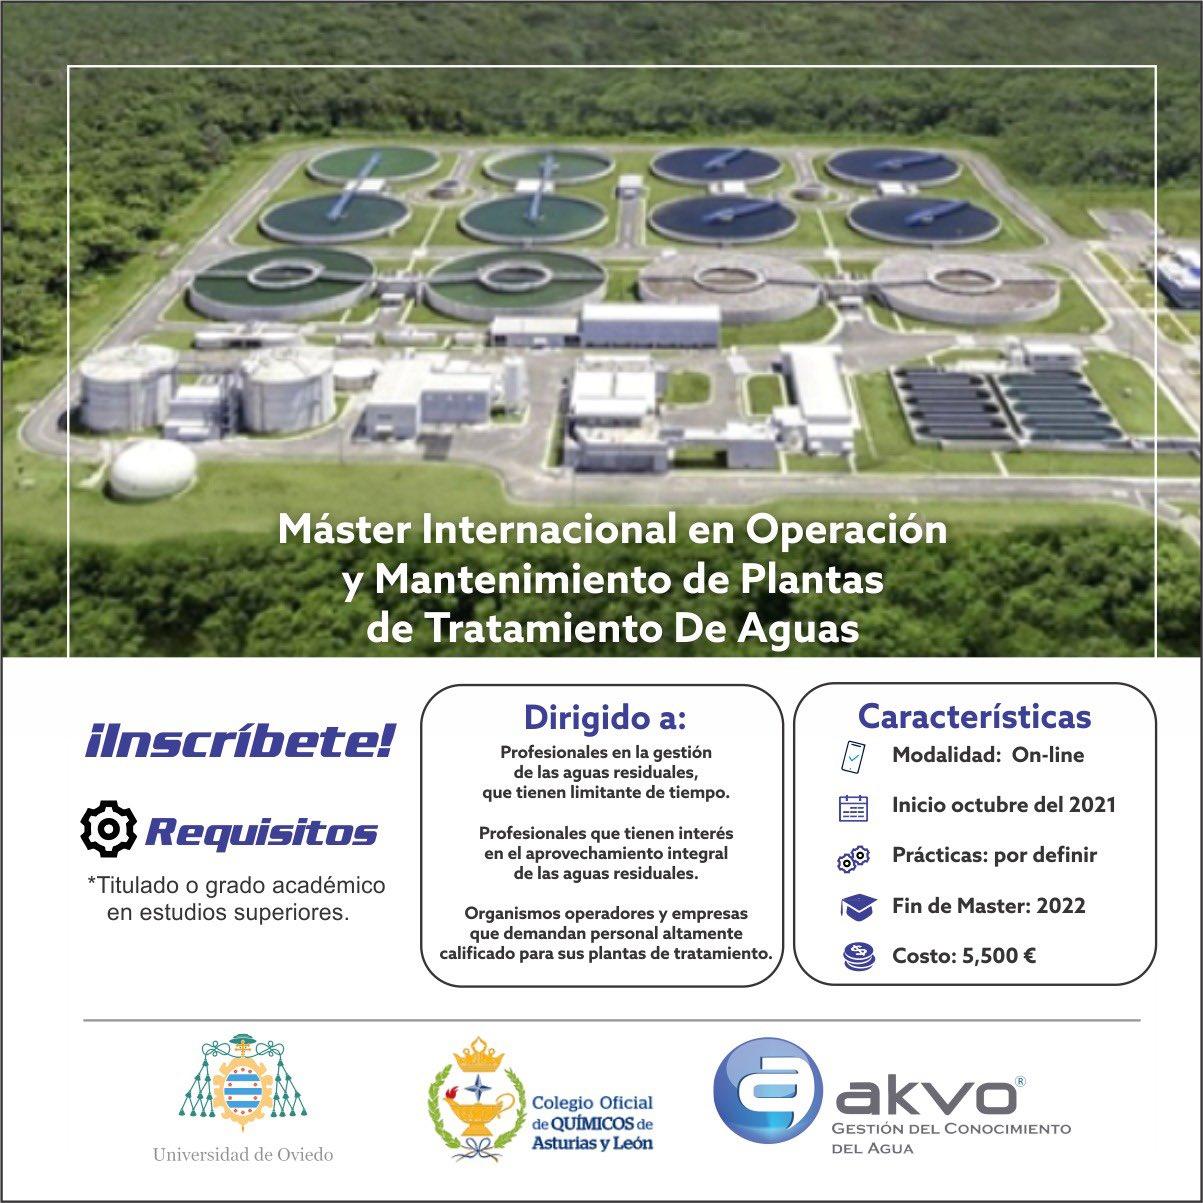 Master Internacional en Operación y Mantenimiento de Plantas de Tratamiento de Aguas (AKVO)